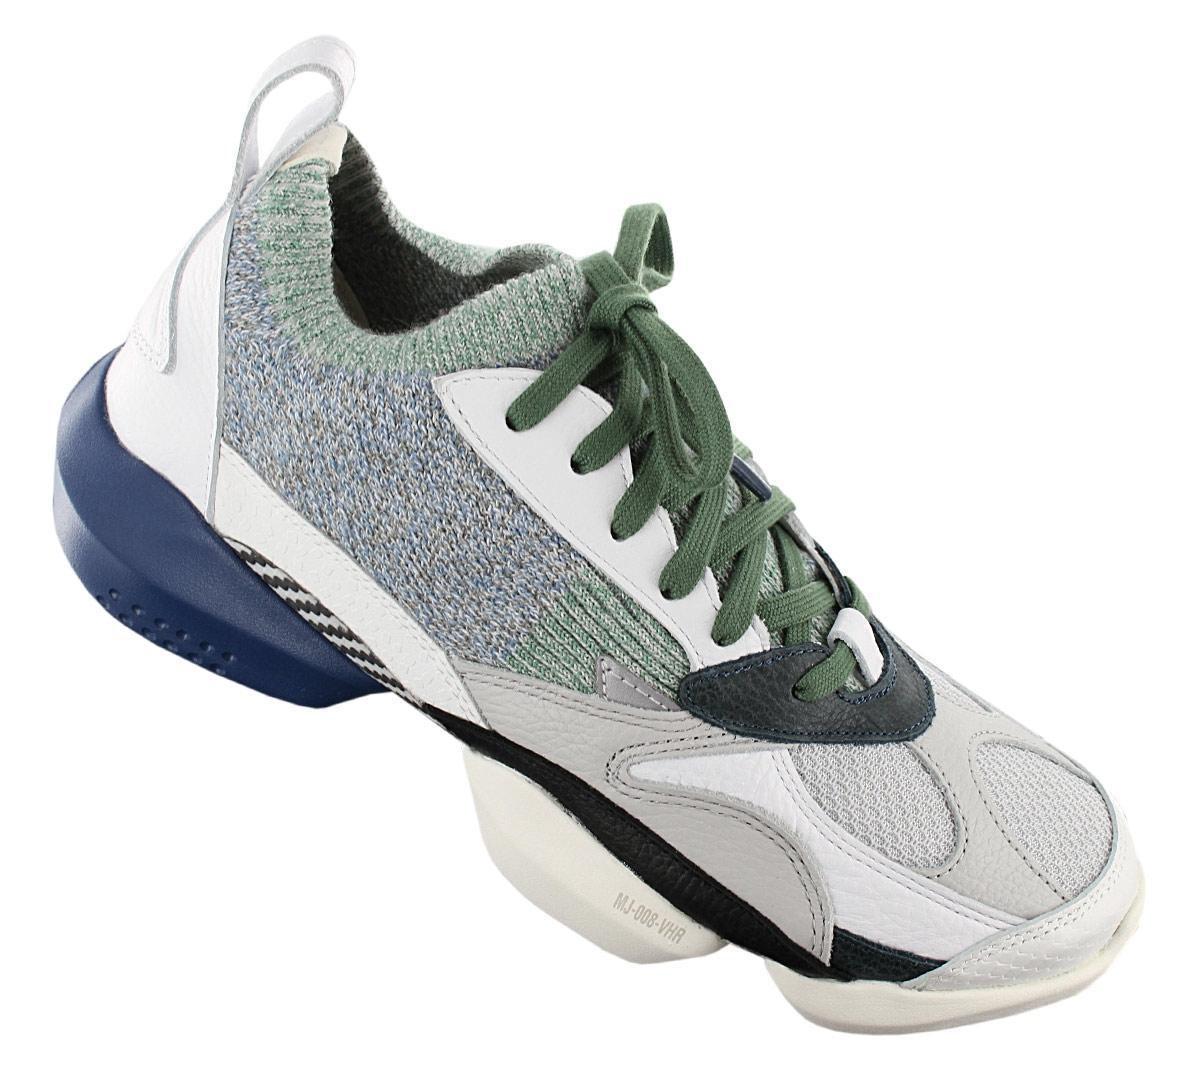 Reebok 3D OP Fractional CN5478 Heren Sneaker Sportschoenen Schoenen Multi - Maat EU 40... Sneakers